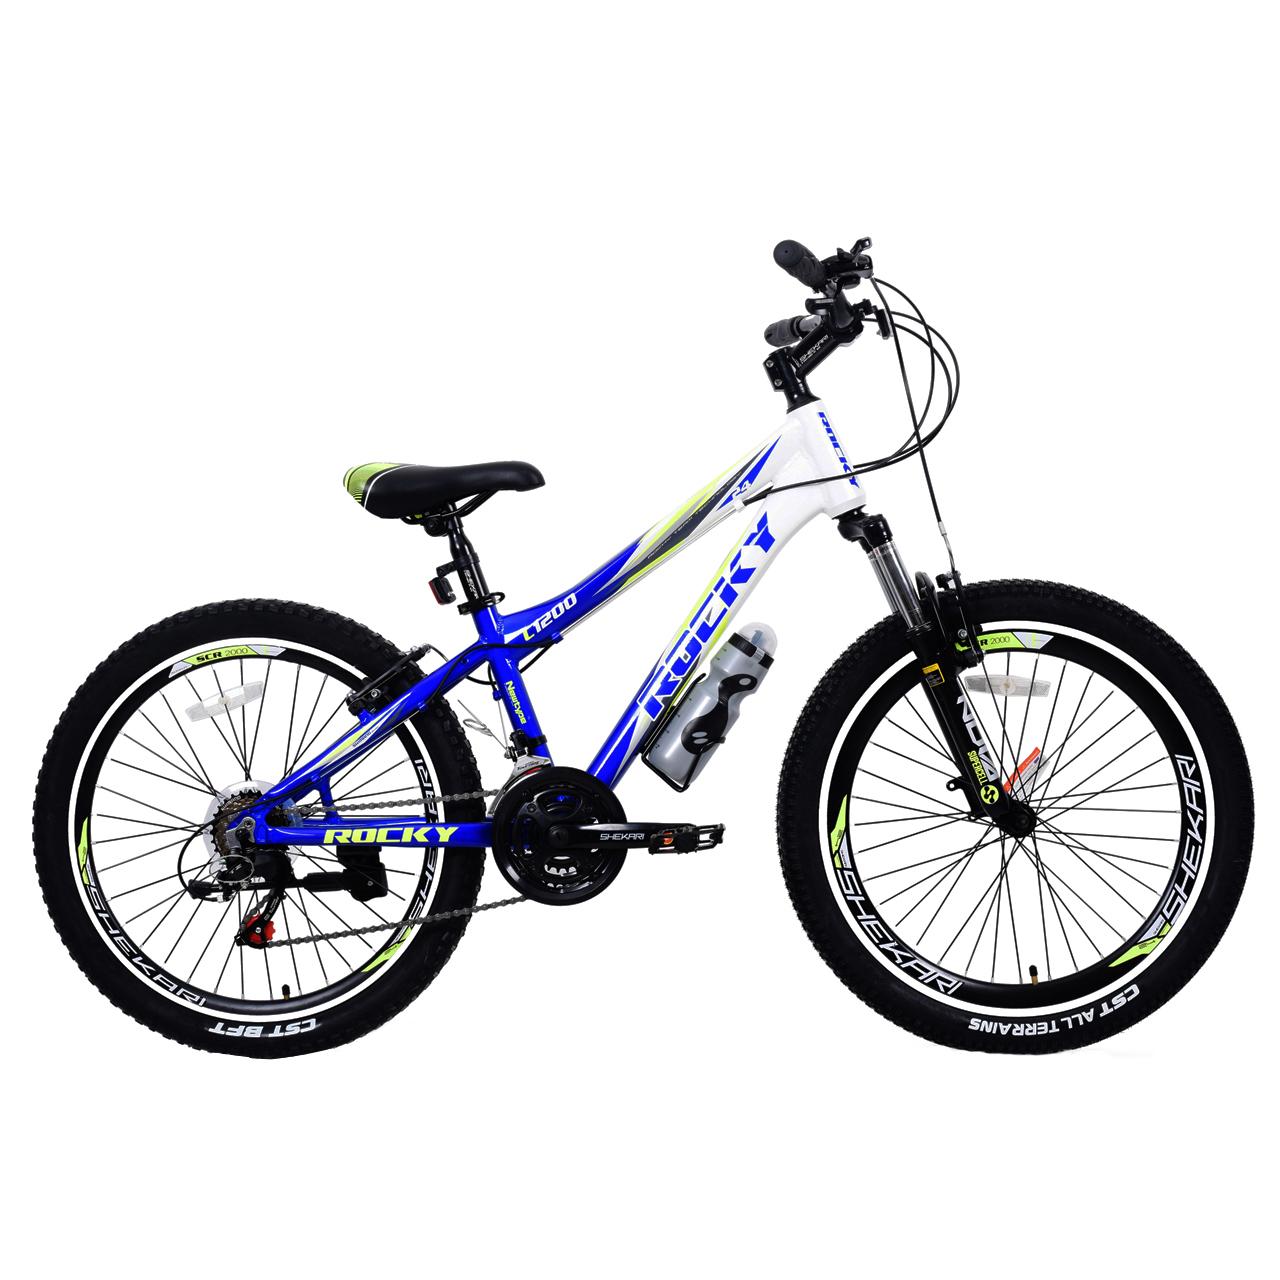 دوچرخه کوهستان راکی مدل C1200 سایز 24